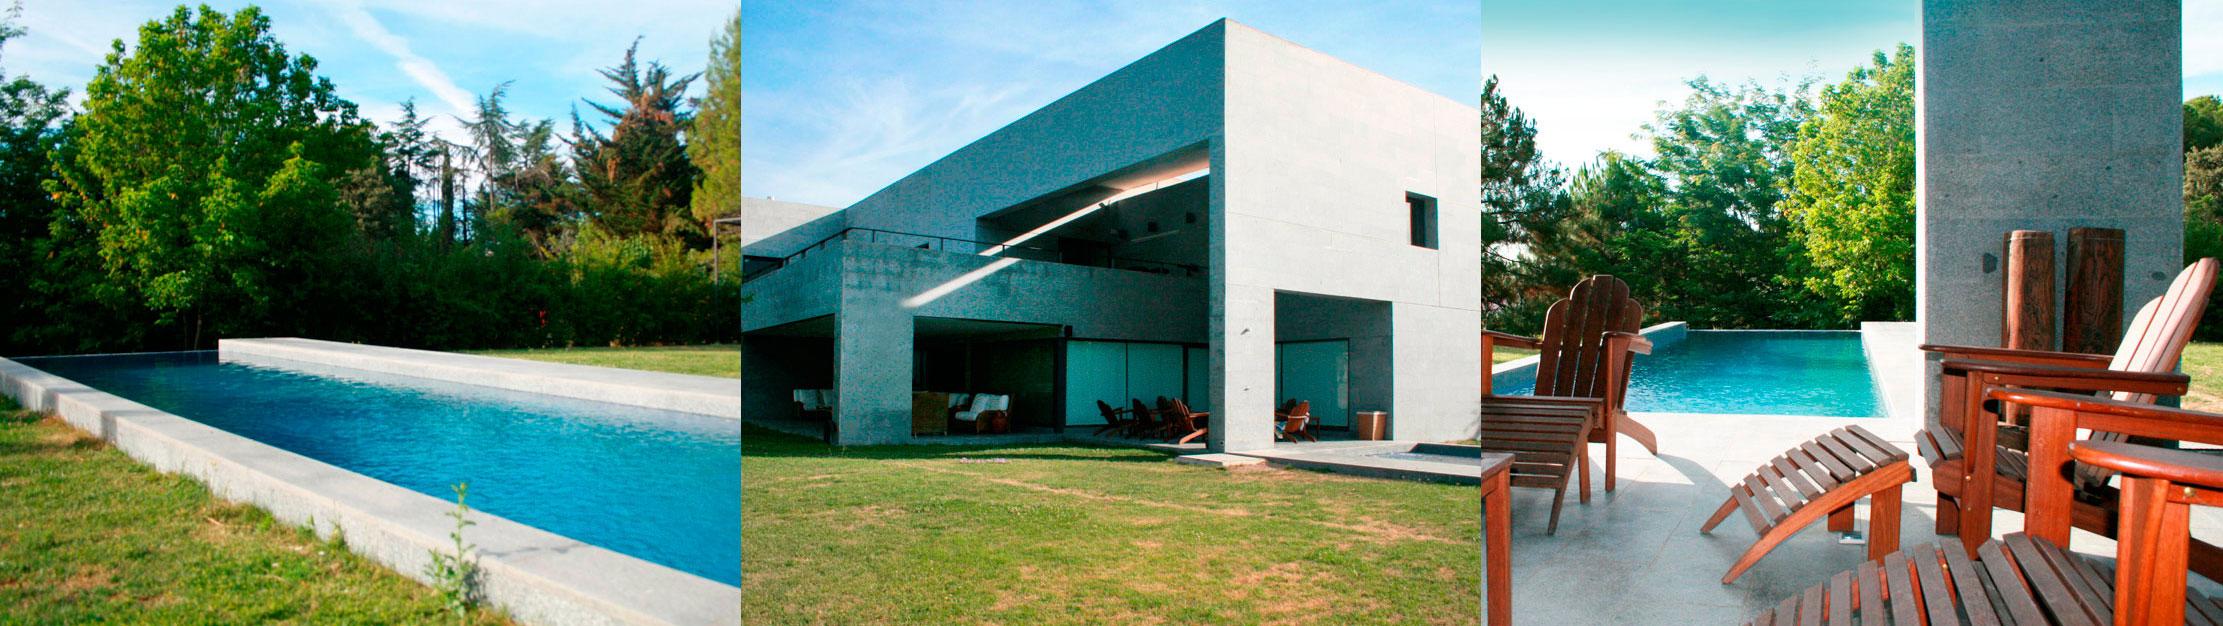 Proyectos de obra de lujo para casas y viviendas de lujo.